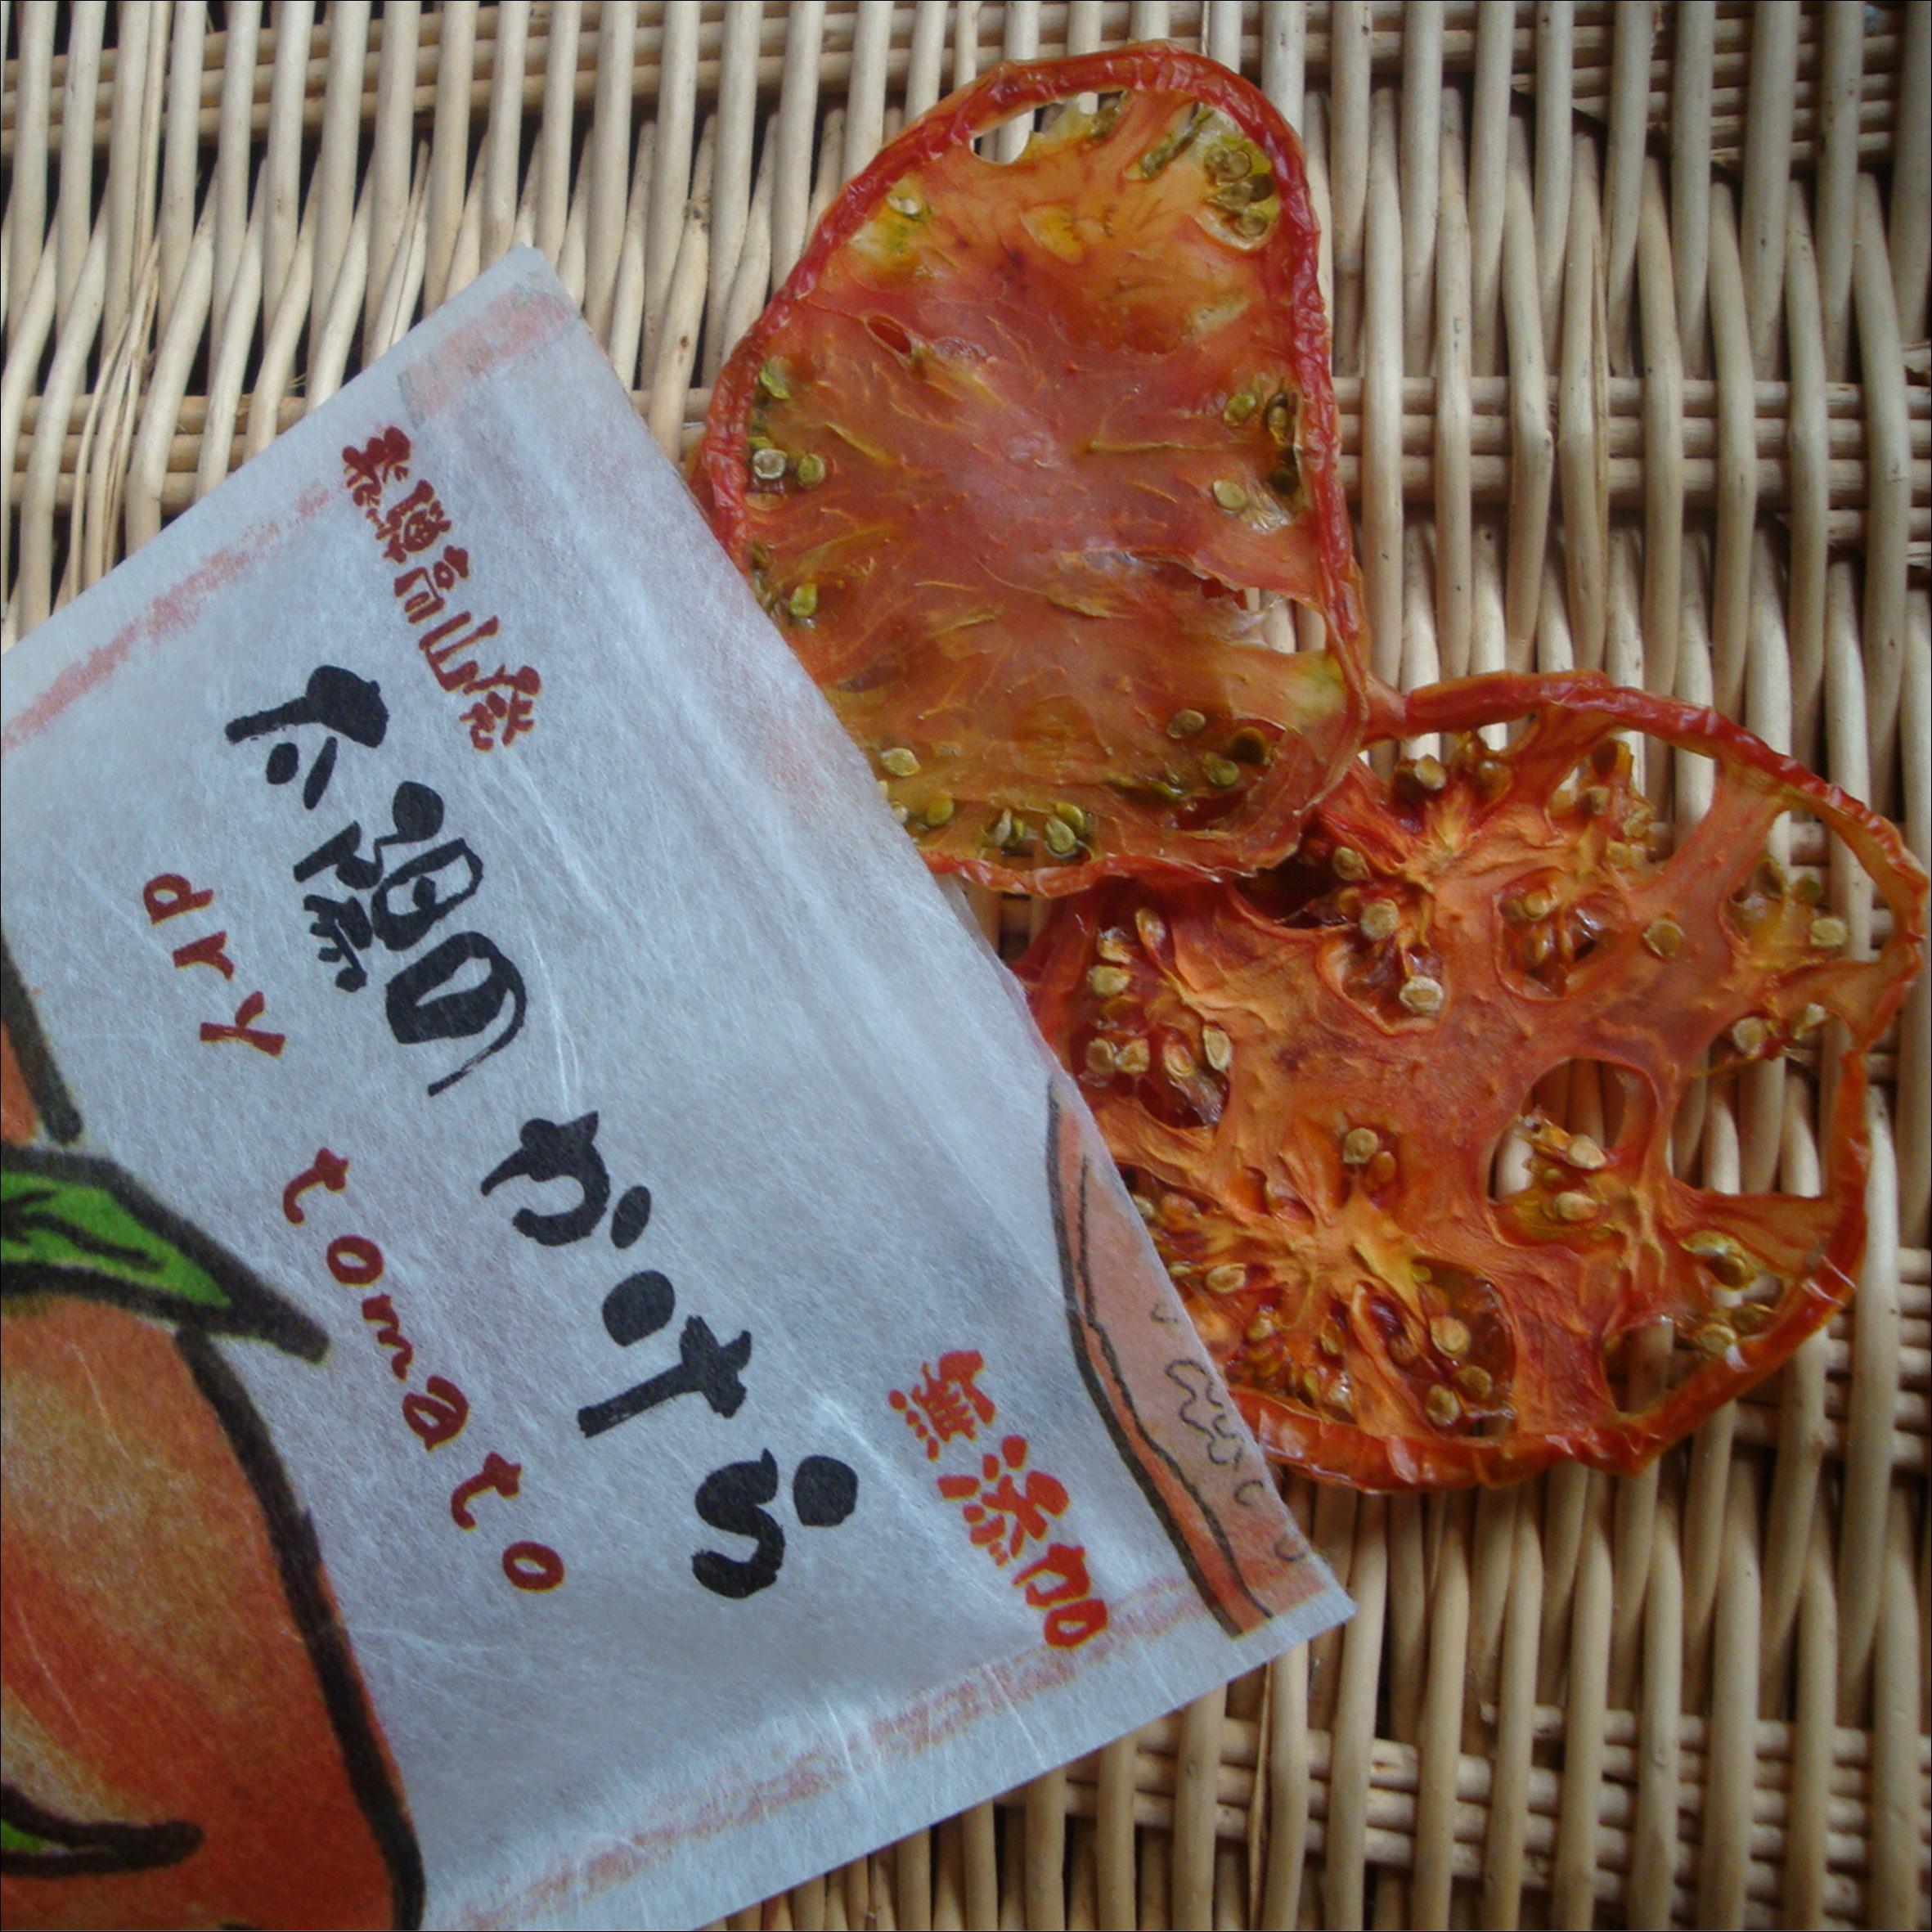 無添加ドライトマト 太陽のかけら 30g×3袋